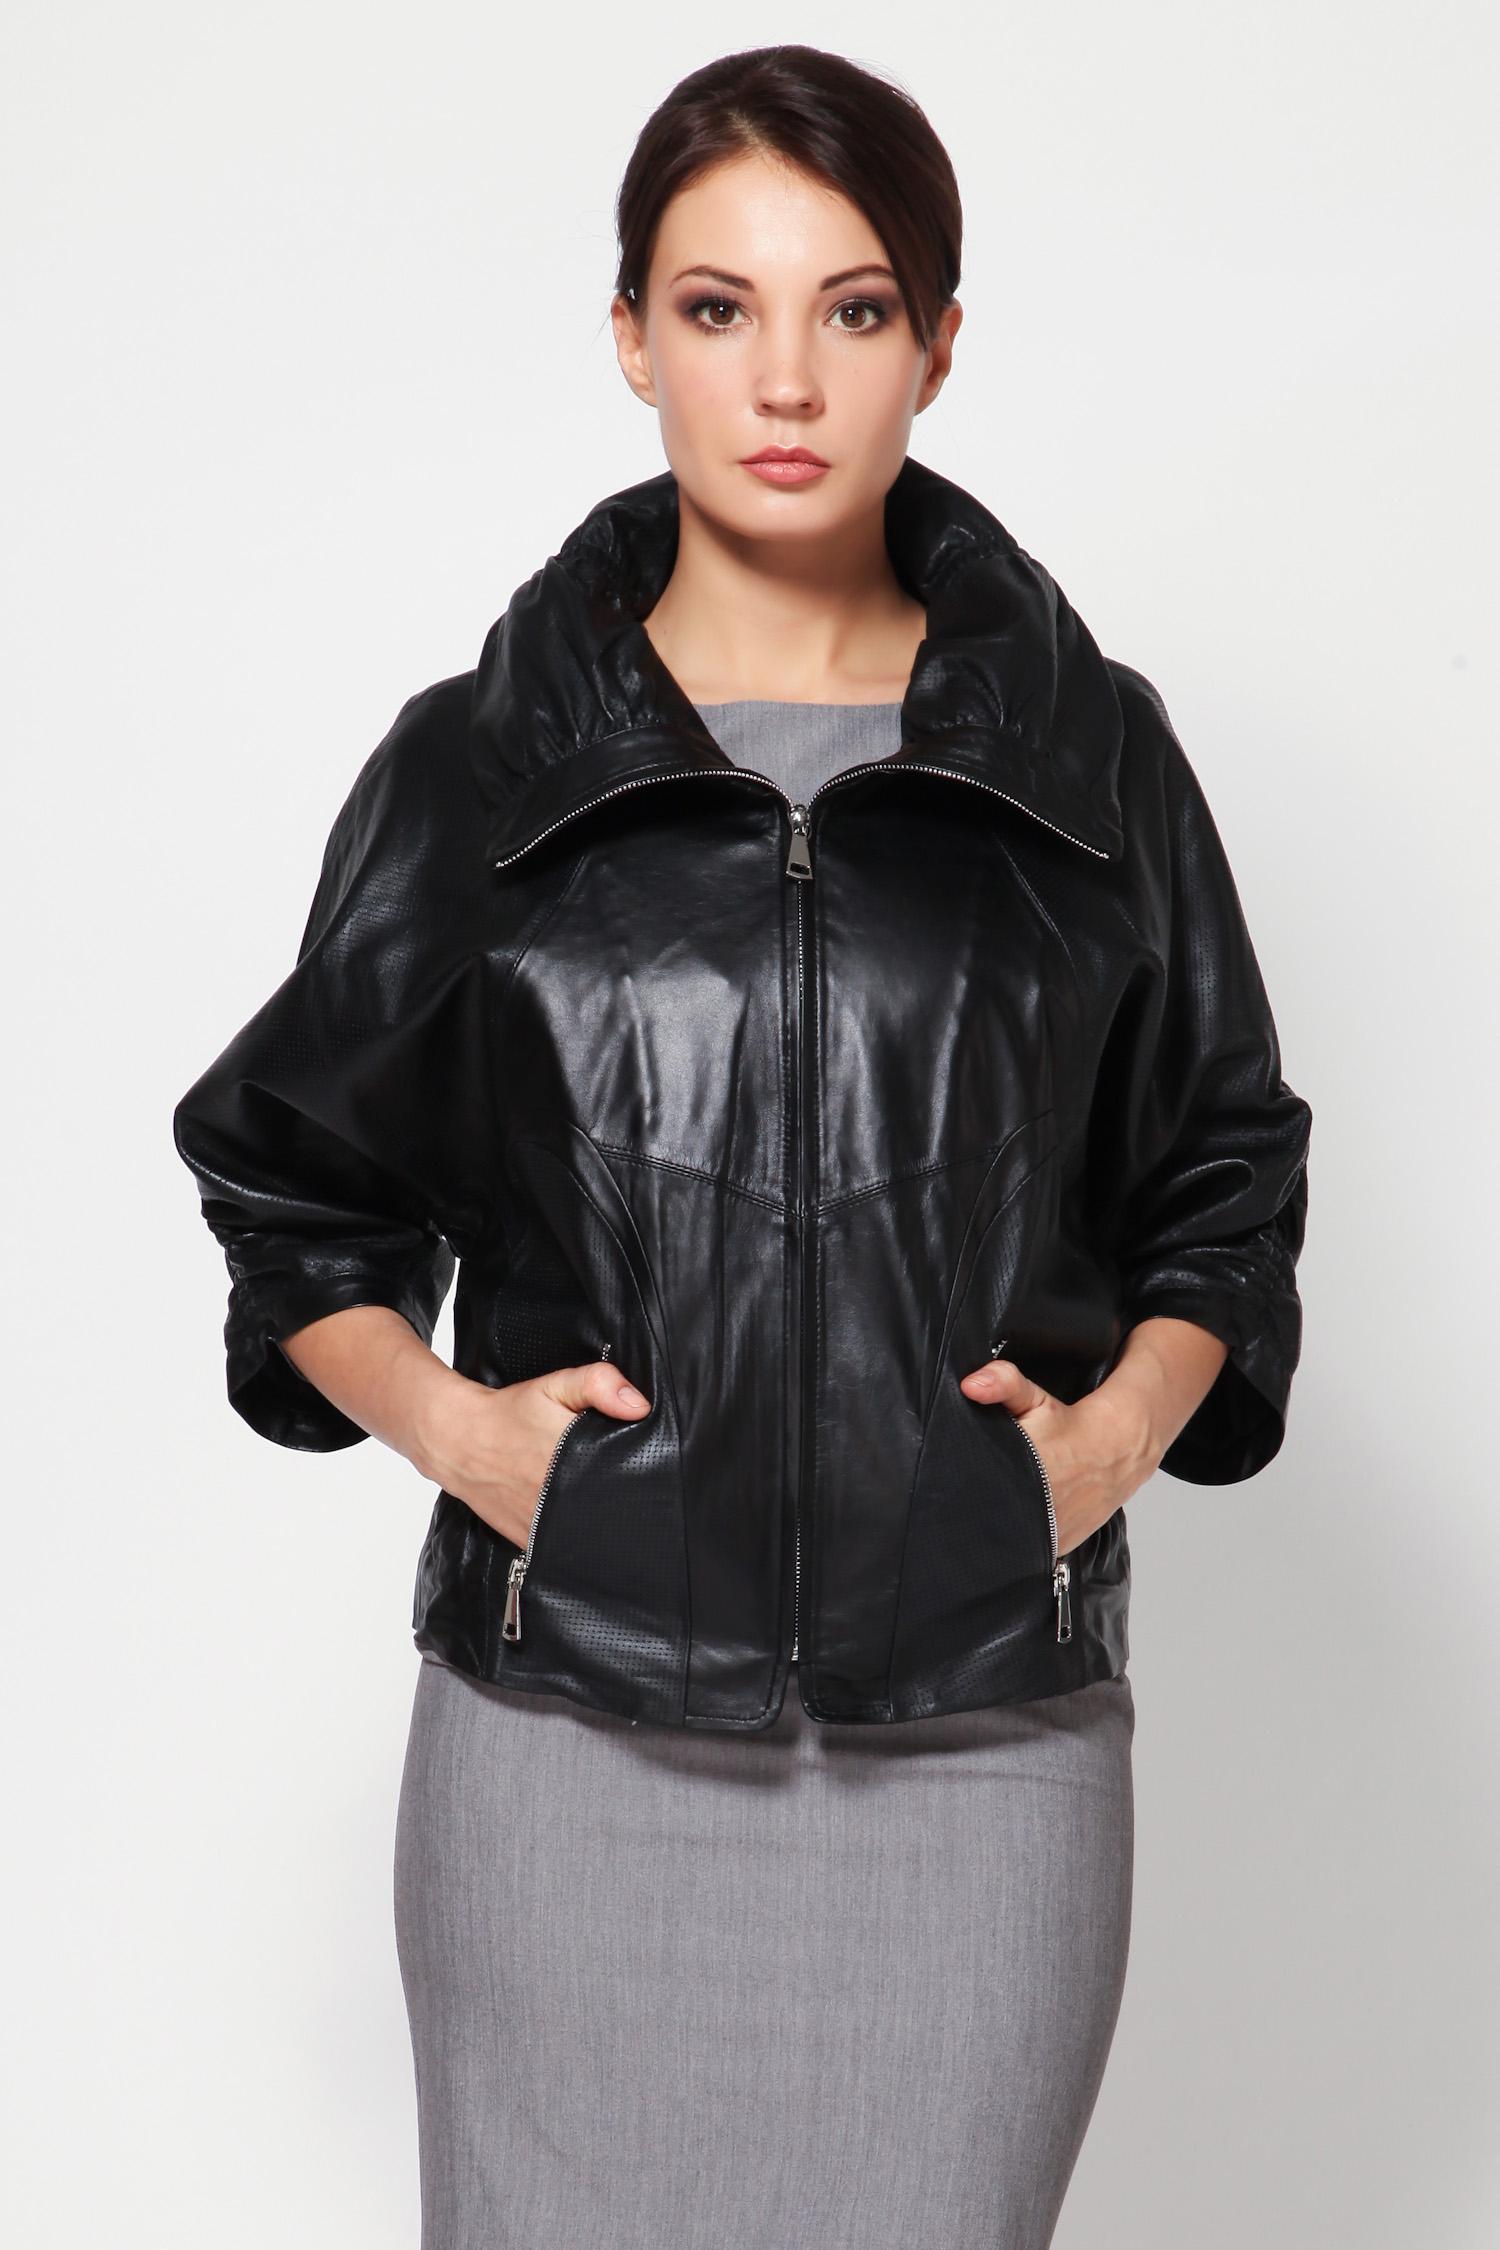 Женская кожаная куртка из натуральной кожи с воротником, без отделкиЭта невероятно стильная куртка - настоящая находка для ярких жизнелюбивых модниц. Модель отлично сидит по фигуре, застежка и карманы идут на молнии, а это значит, что она дополнительно подчеркнет красоту вашего силуэта.<br><br>В этой потрясающе удобной куртке, можно не только просто ходить по улицам города, но и наслаждаться свободой за рулем. С этой моделью так просто быть смелой и уверенной!<br><br>Воротник: Оригинальный<br>Длина см: 55<br>Материал: Плонже/перфорация<br>Цвет: Черный<br>Пол: Женский